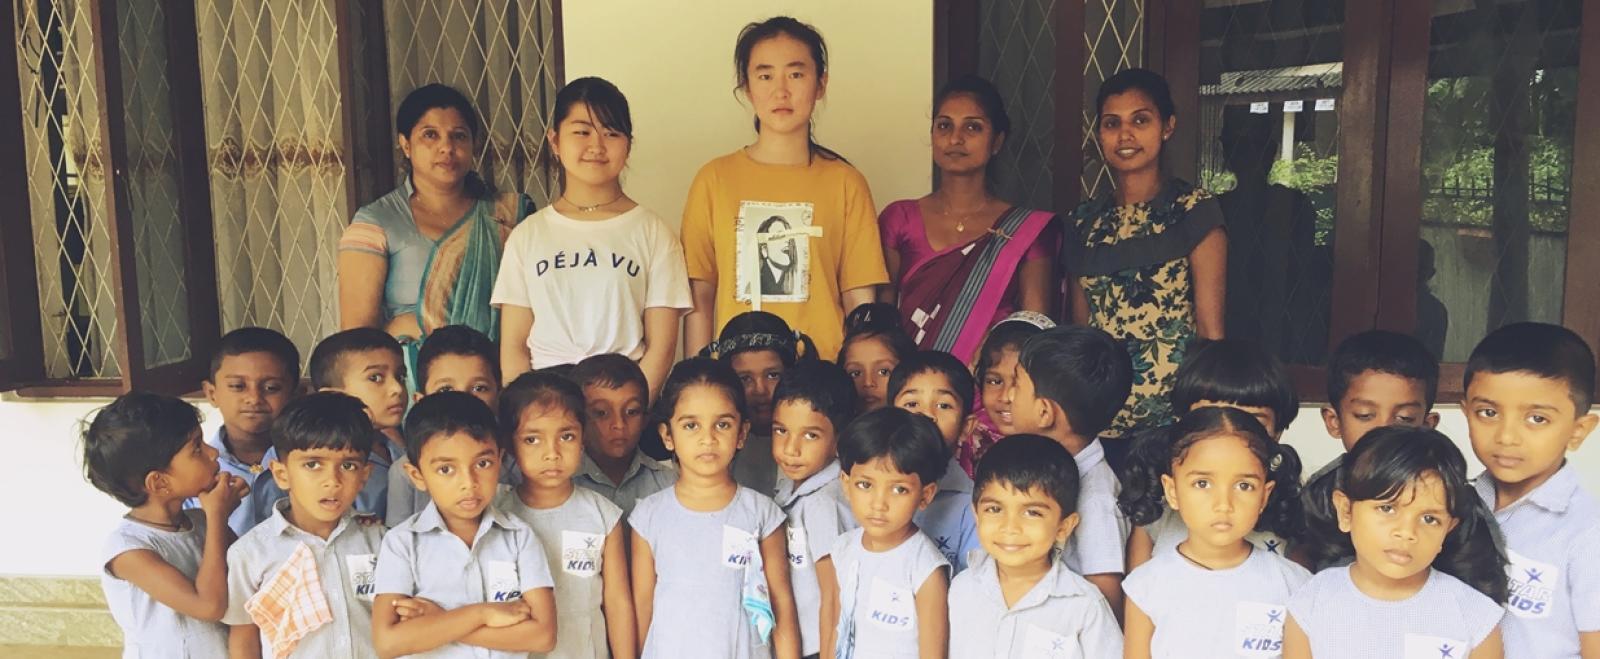 スリランカでチャイルドケアボランティア中の東中杏花梨さんと現地の子供たち